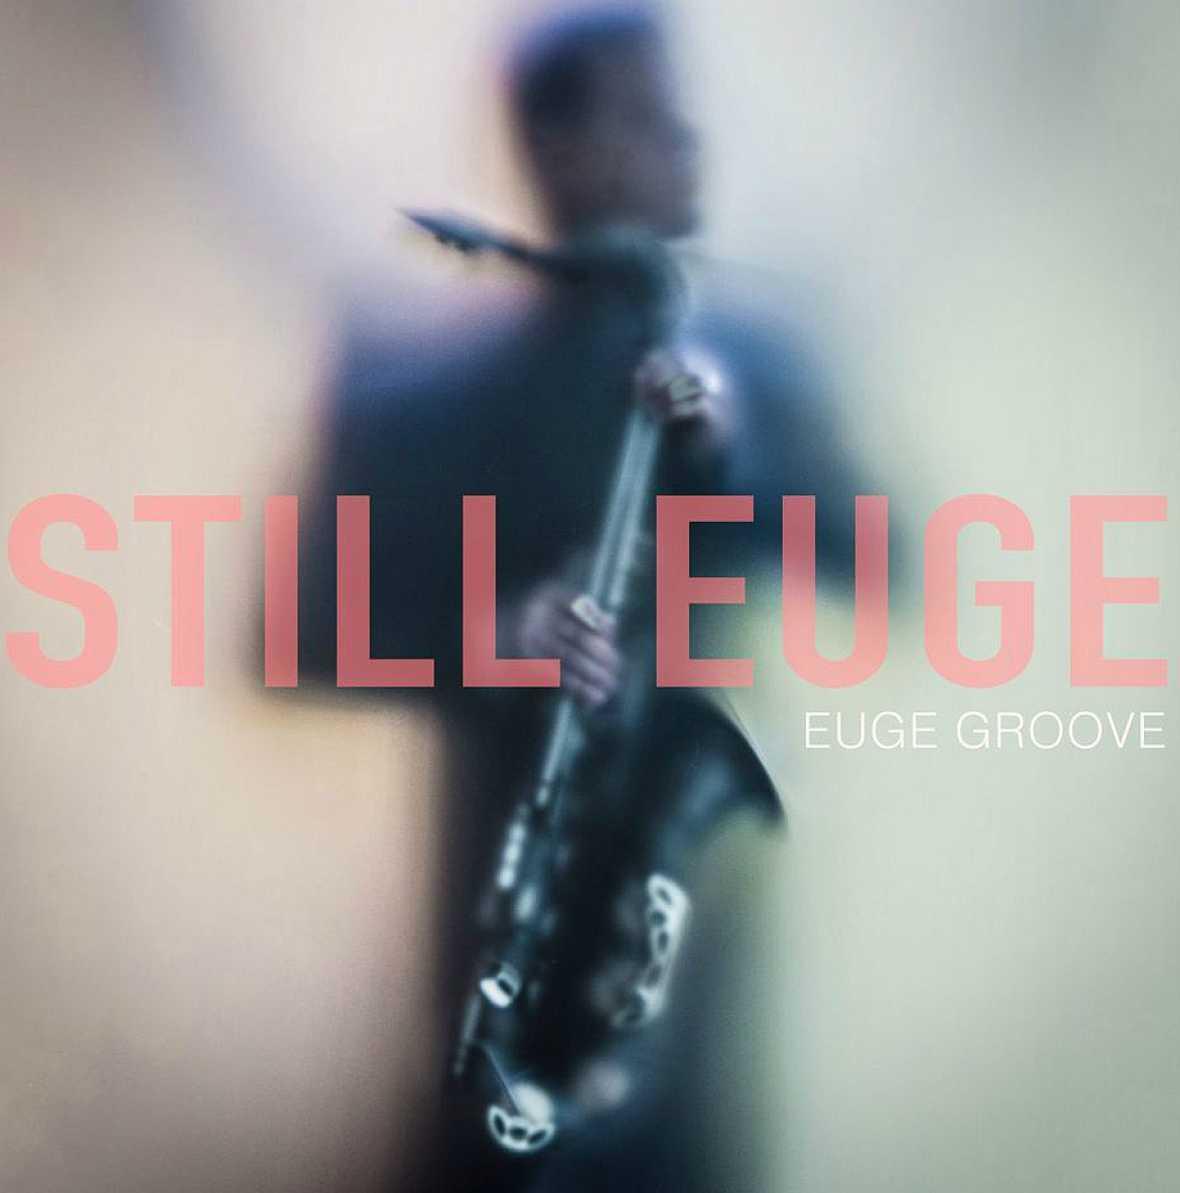 Próxima parada - El saxofonista Euge Groove ha editado su nuevo trabajo 'Still Euge' - 21/09/16 - Escuchar ahora